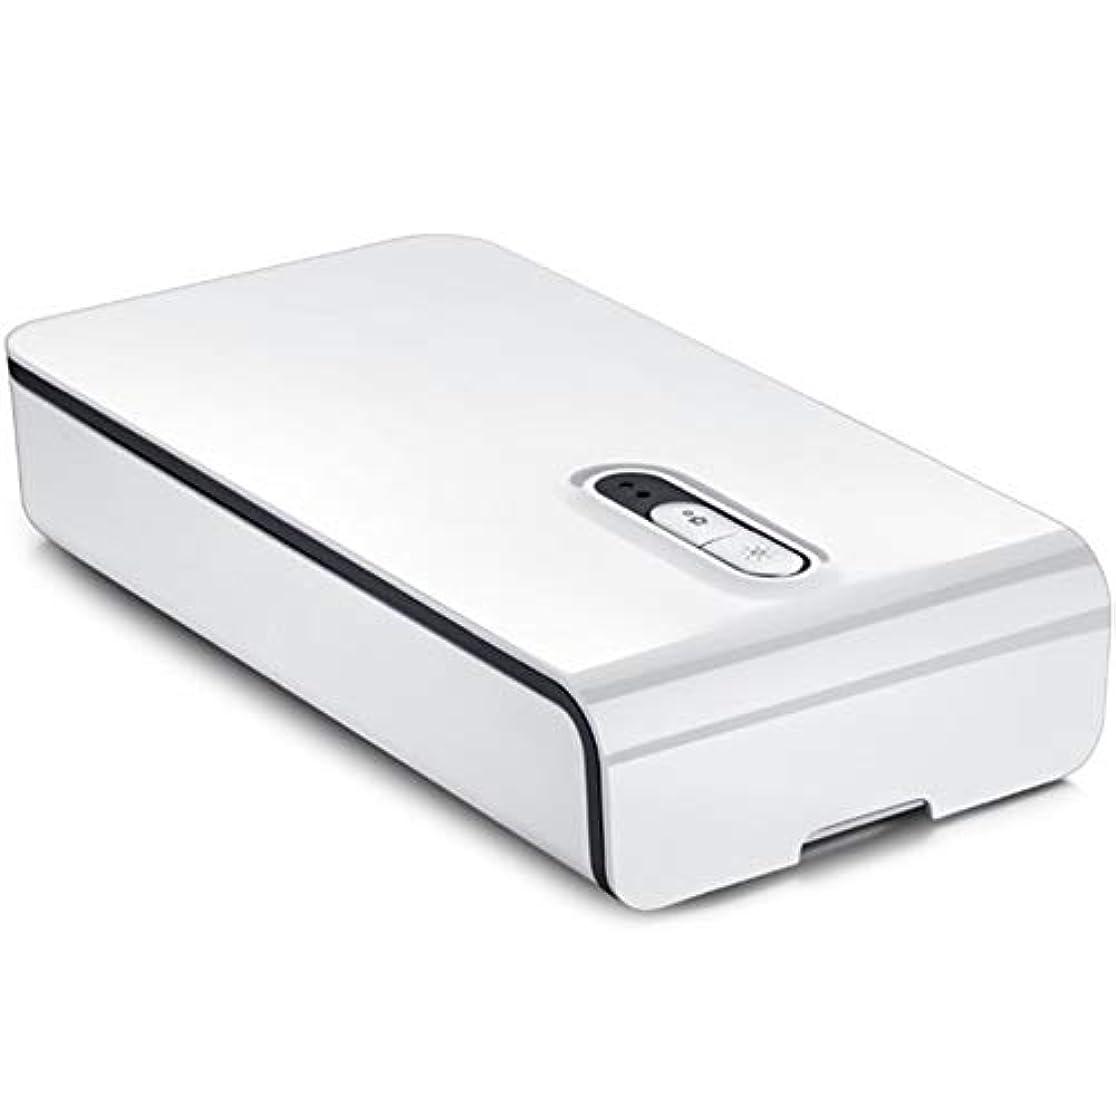 報いる悲観的教師の日UV滅菌器を充電する携帯電話と下着のための多機能アロマUV消毒単層,白